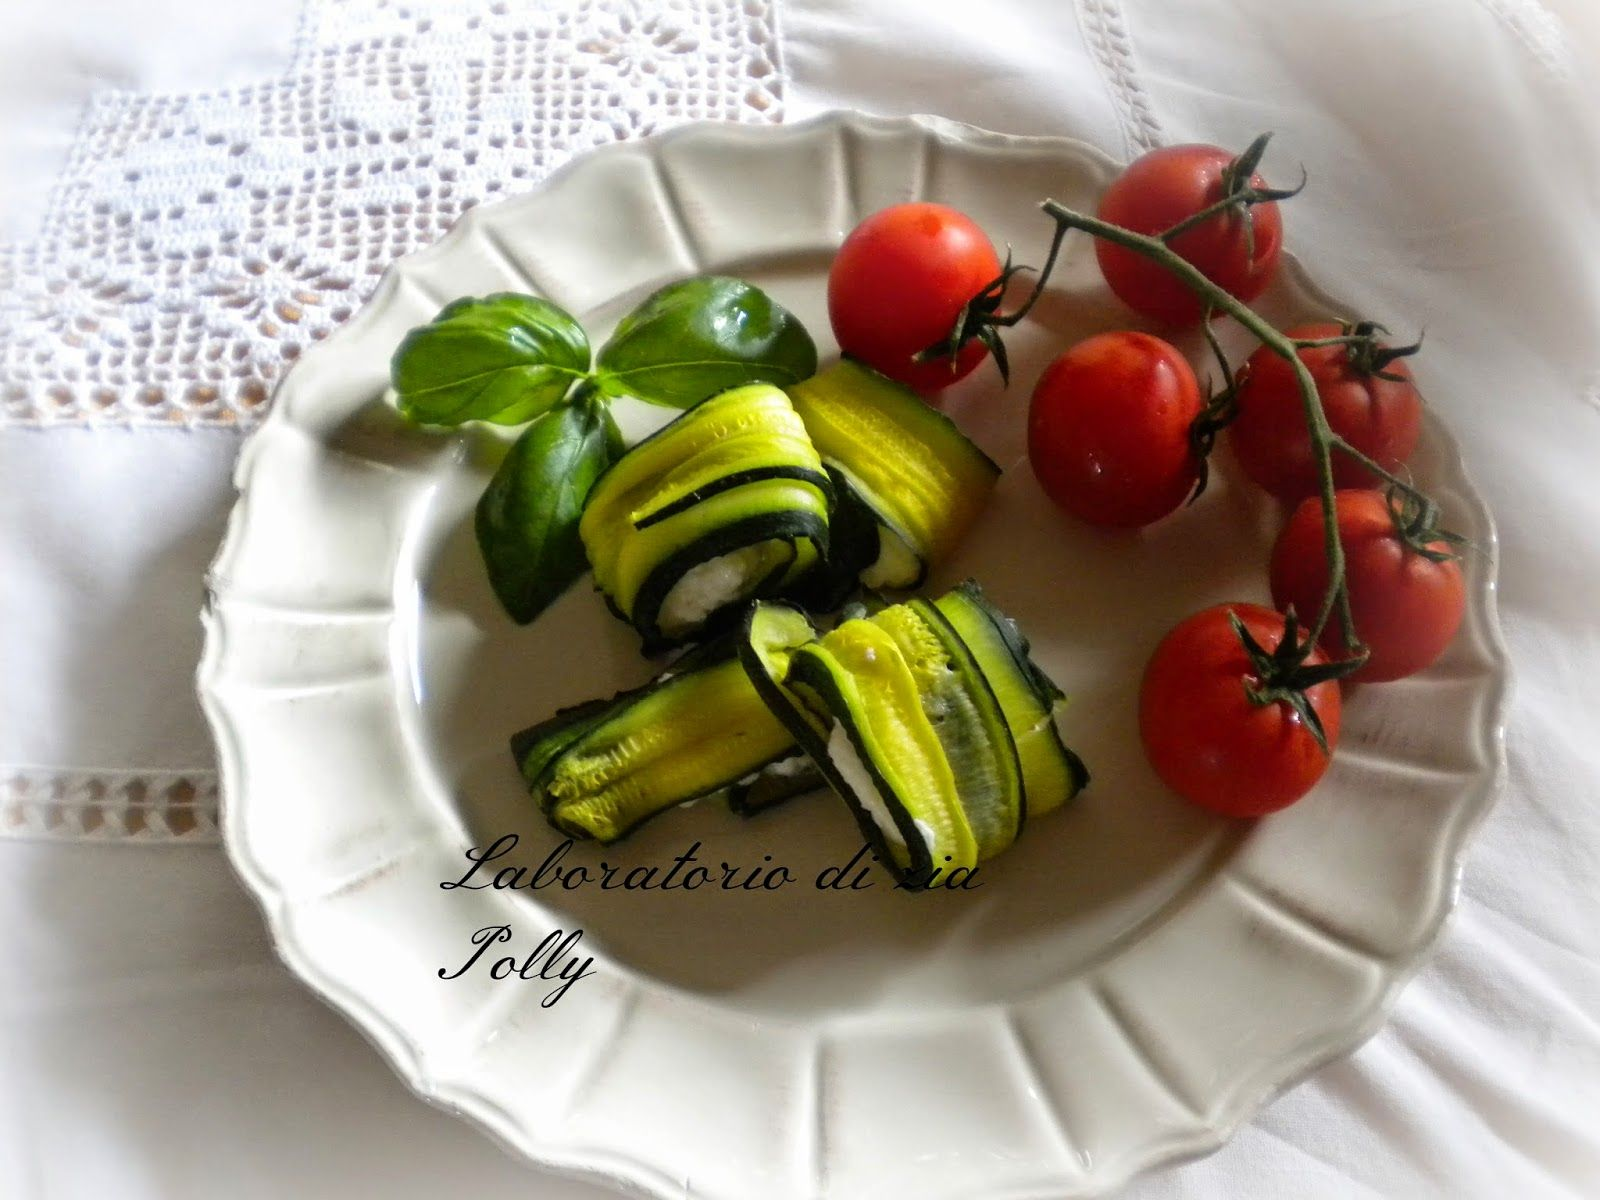 Laboratorio di zia Polly: Involtini di zucchine con formaggi